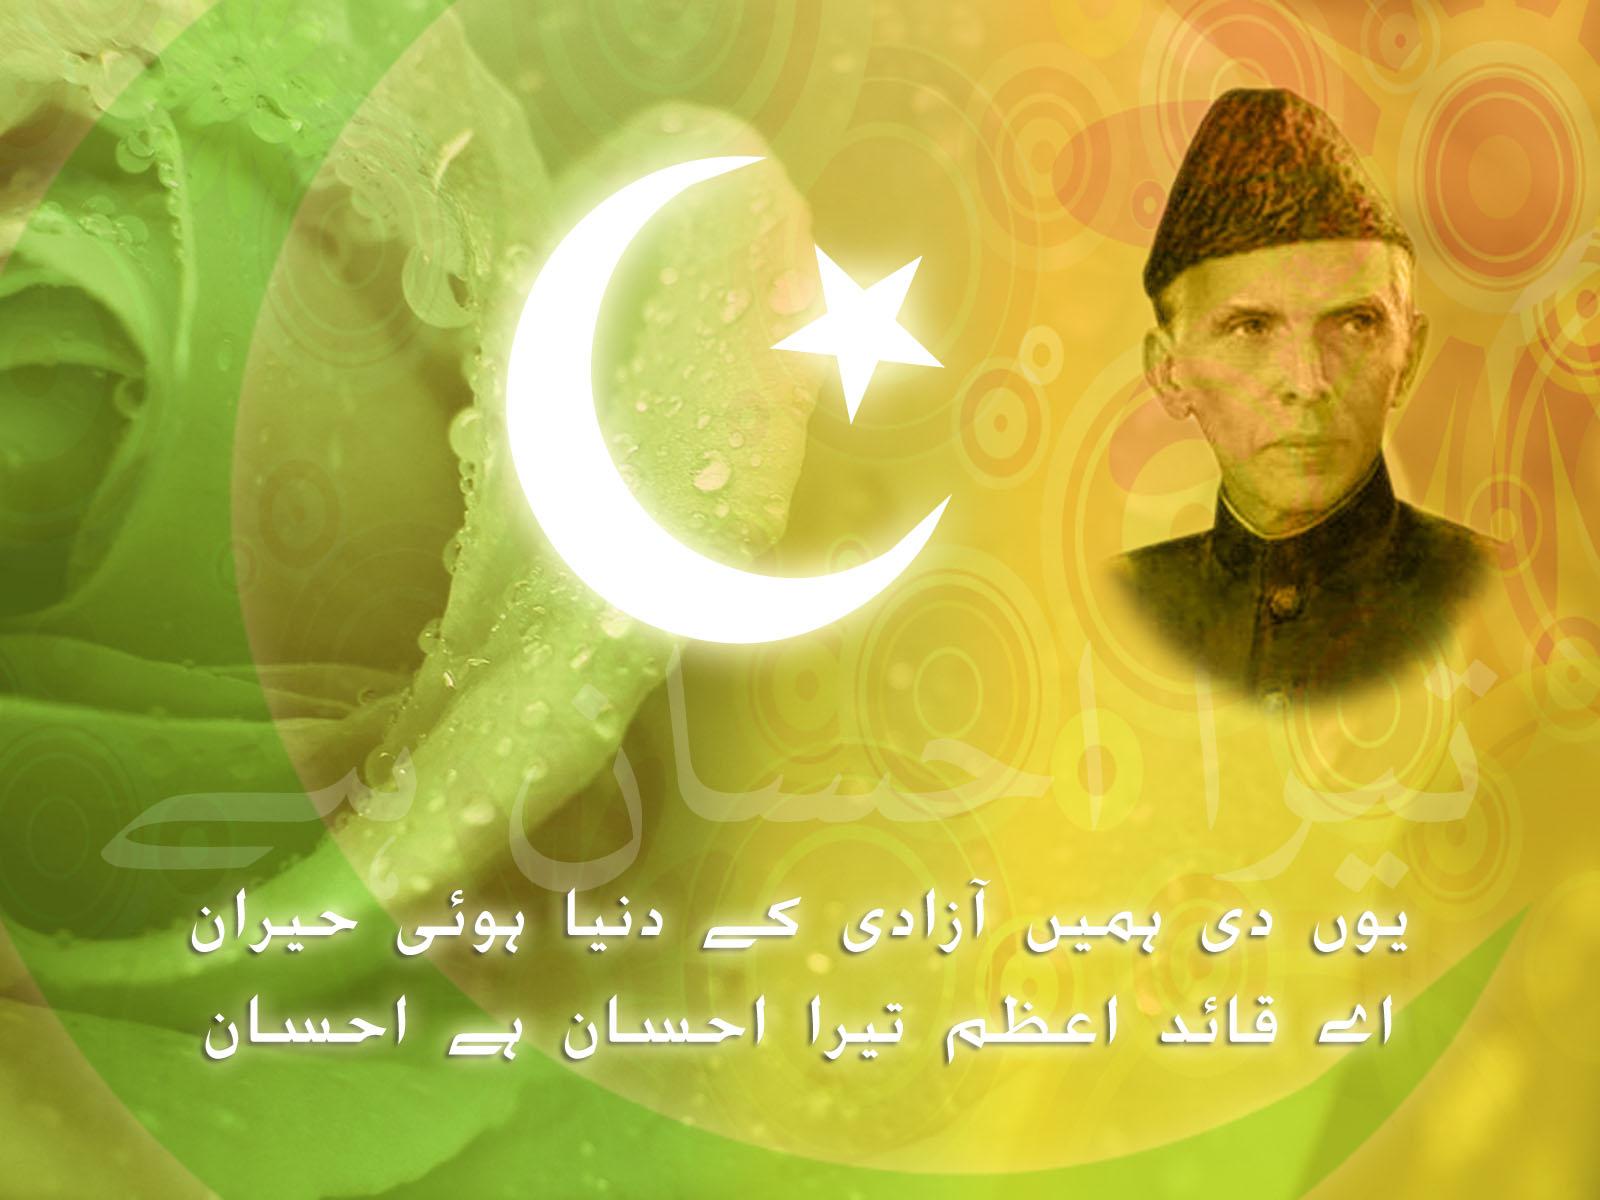 http://1.bp.blogspot.com/-qKYUv2E9Fbw/TkbSiifTxCI/AAAAAAAAAdo/Xq5Nn4YaRd4/s1600/pakistan-independence-day-31.jpg